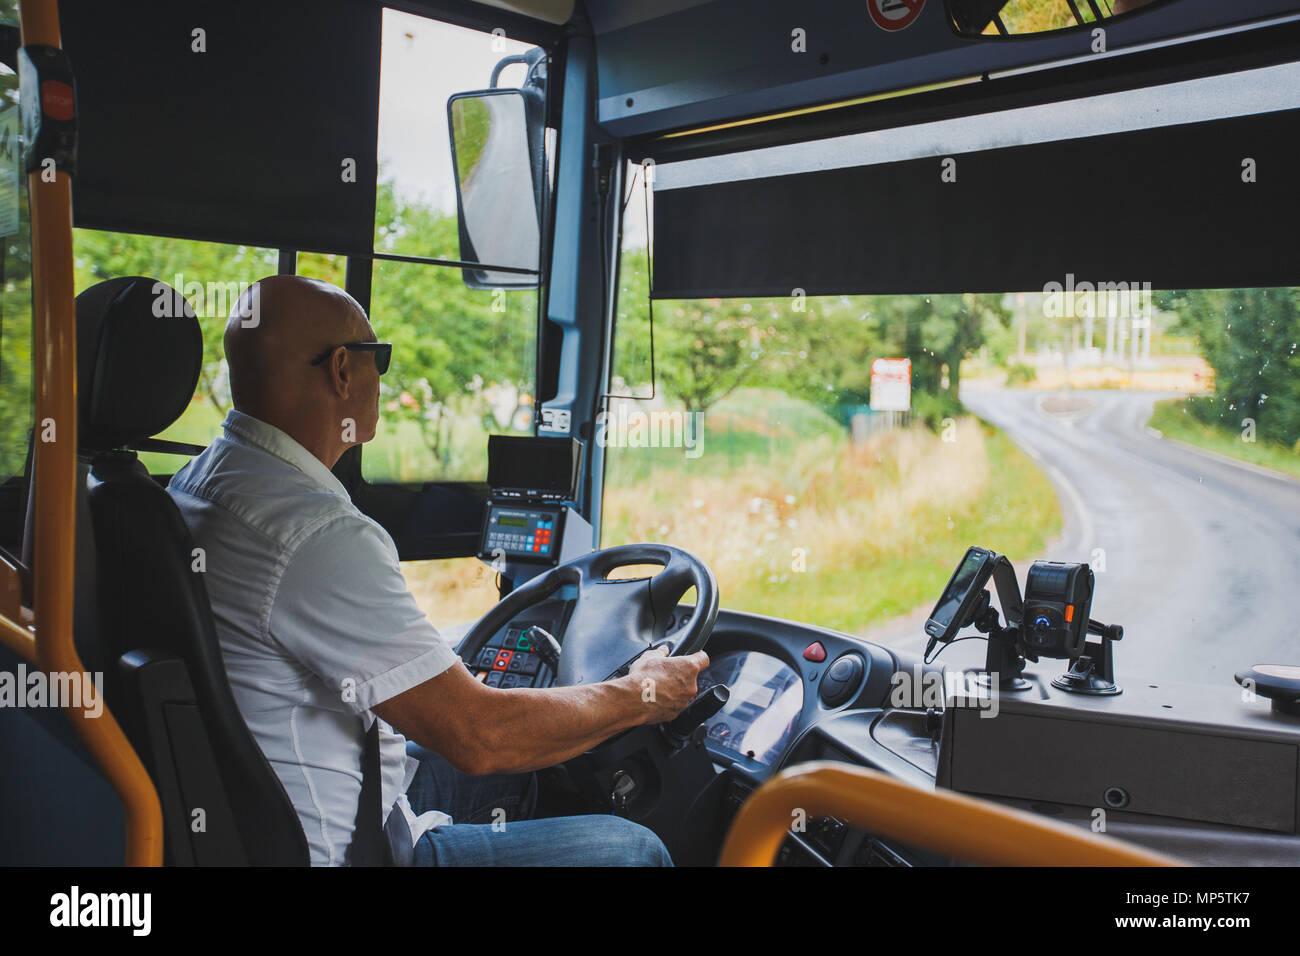 El tema es la profesión de conductor y transporte de pasajeros. Un hombre en gafas de sol un conductor acciona un autobús regional turística en la región de Francia Imagen De Stock